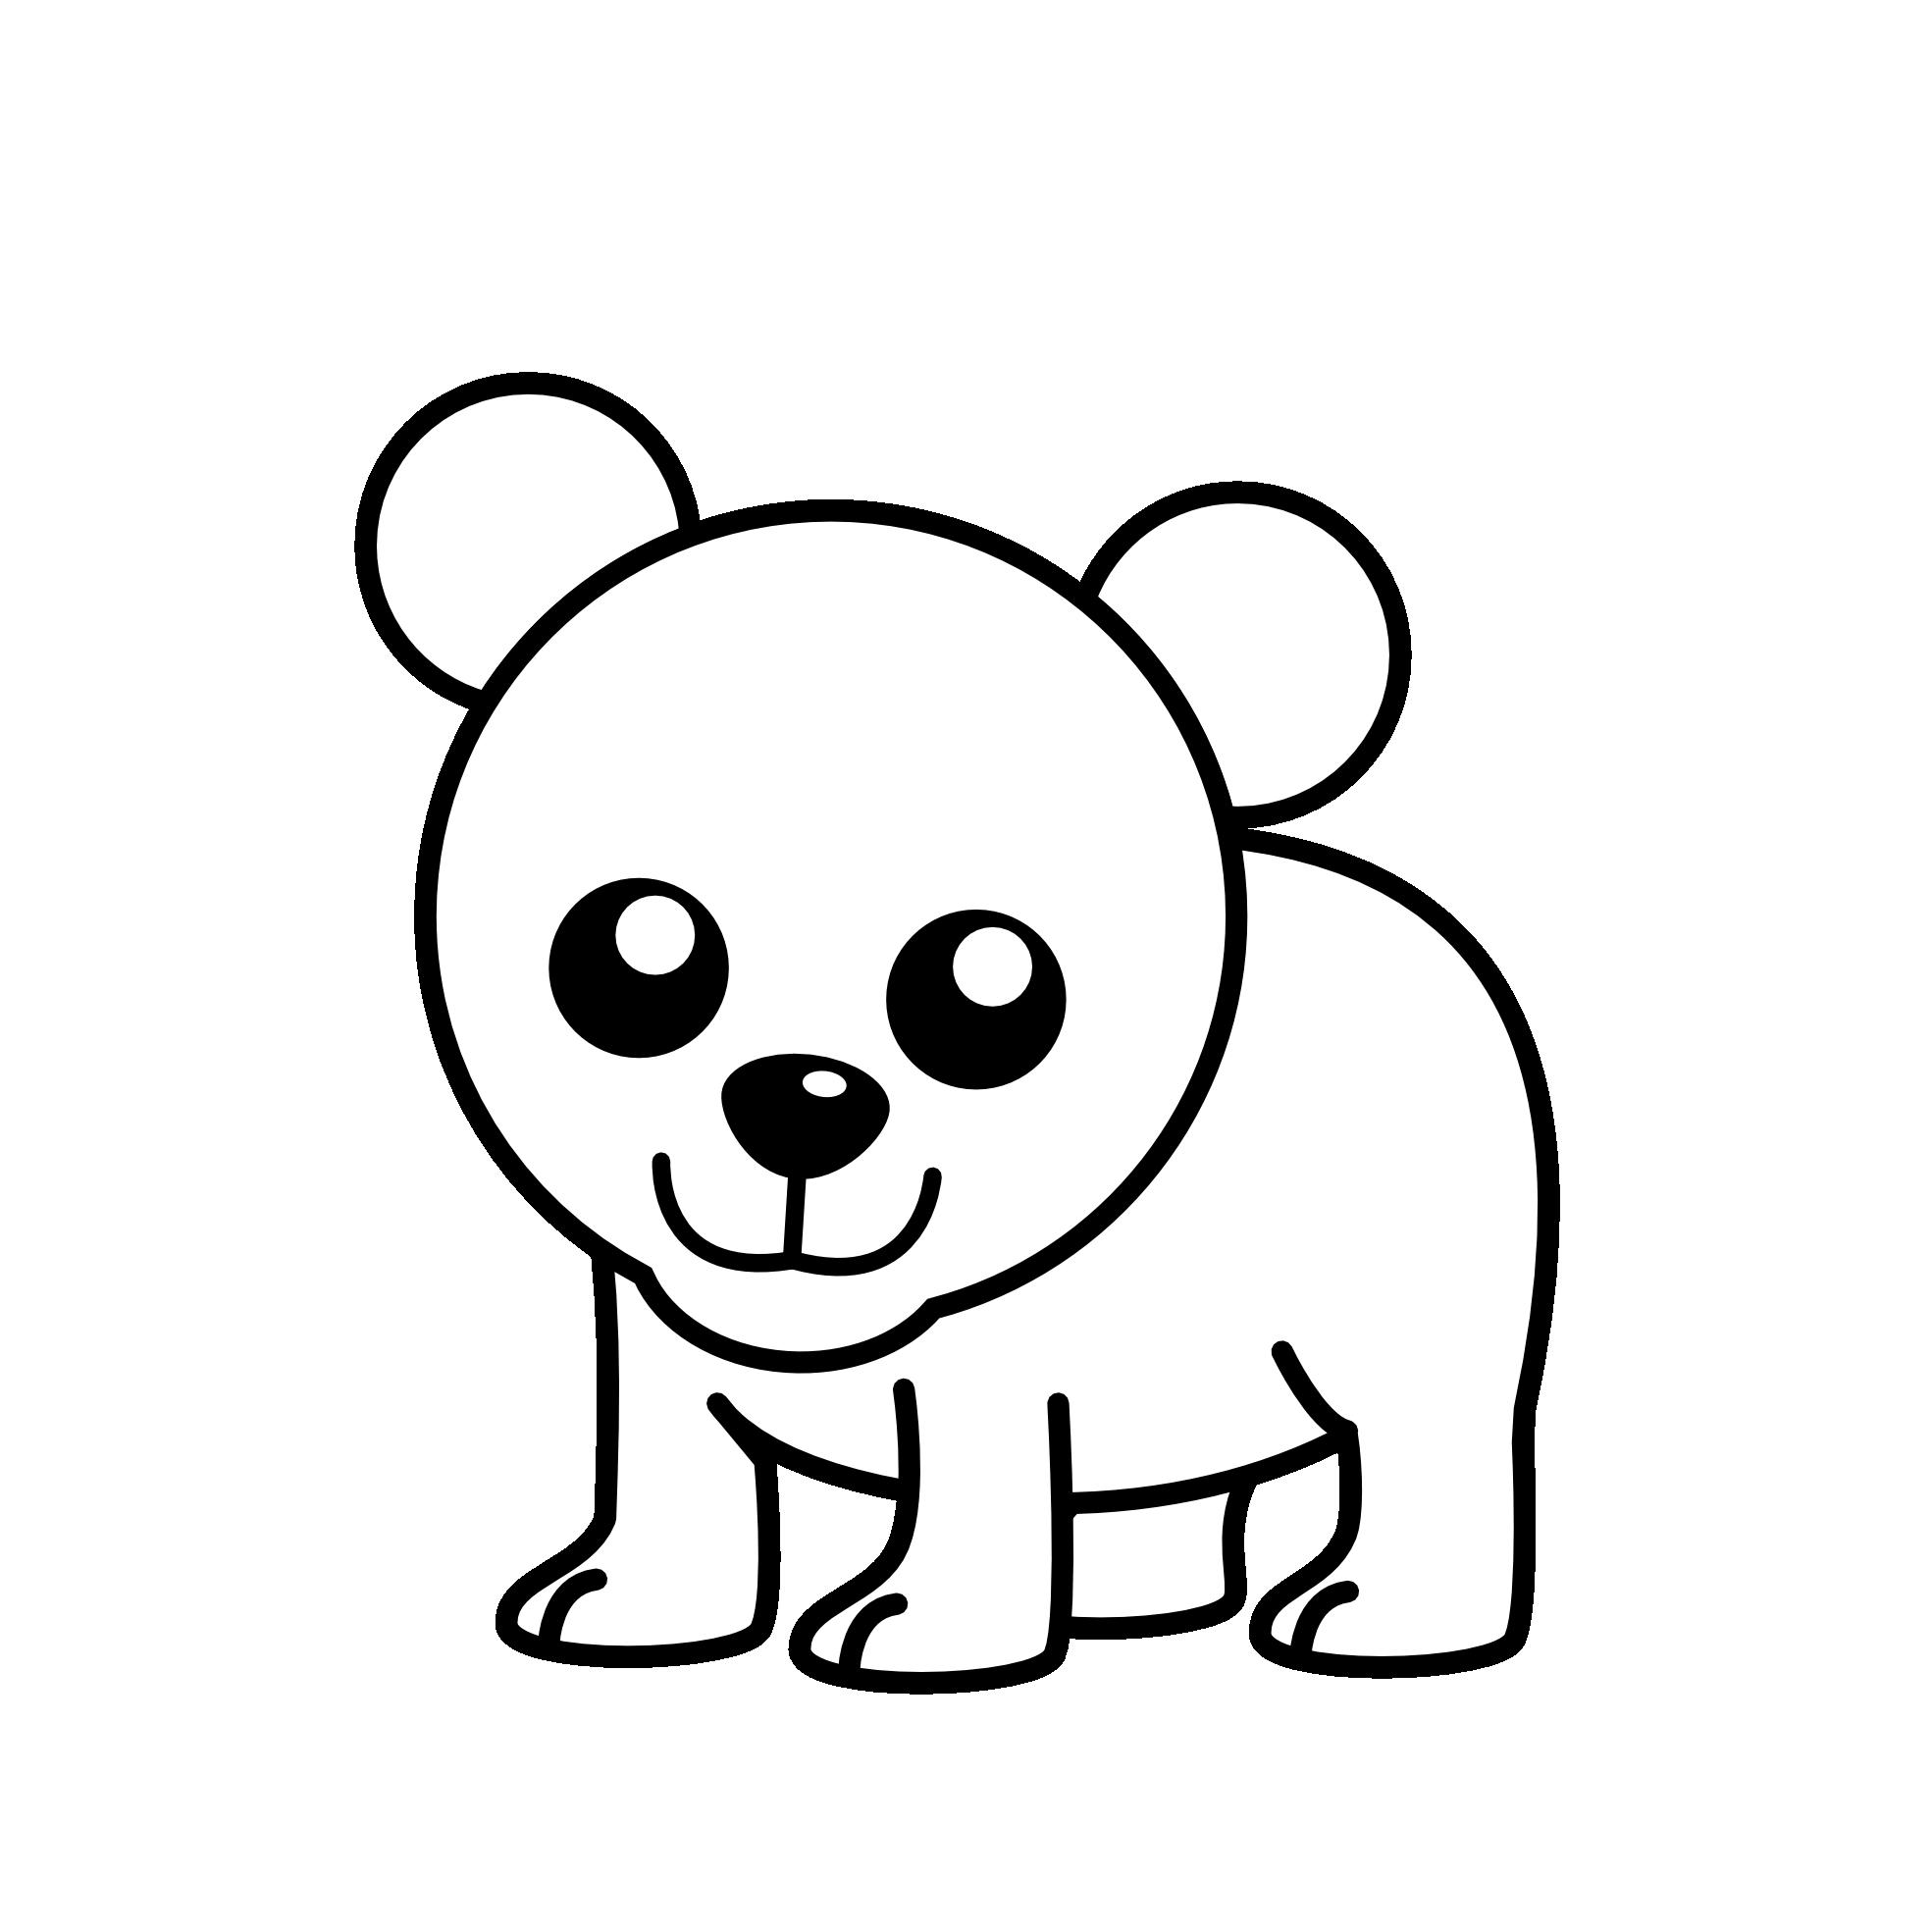 vector royalty free stock Umpire clipart cartoon. Best bear black panda